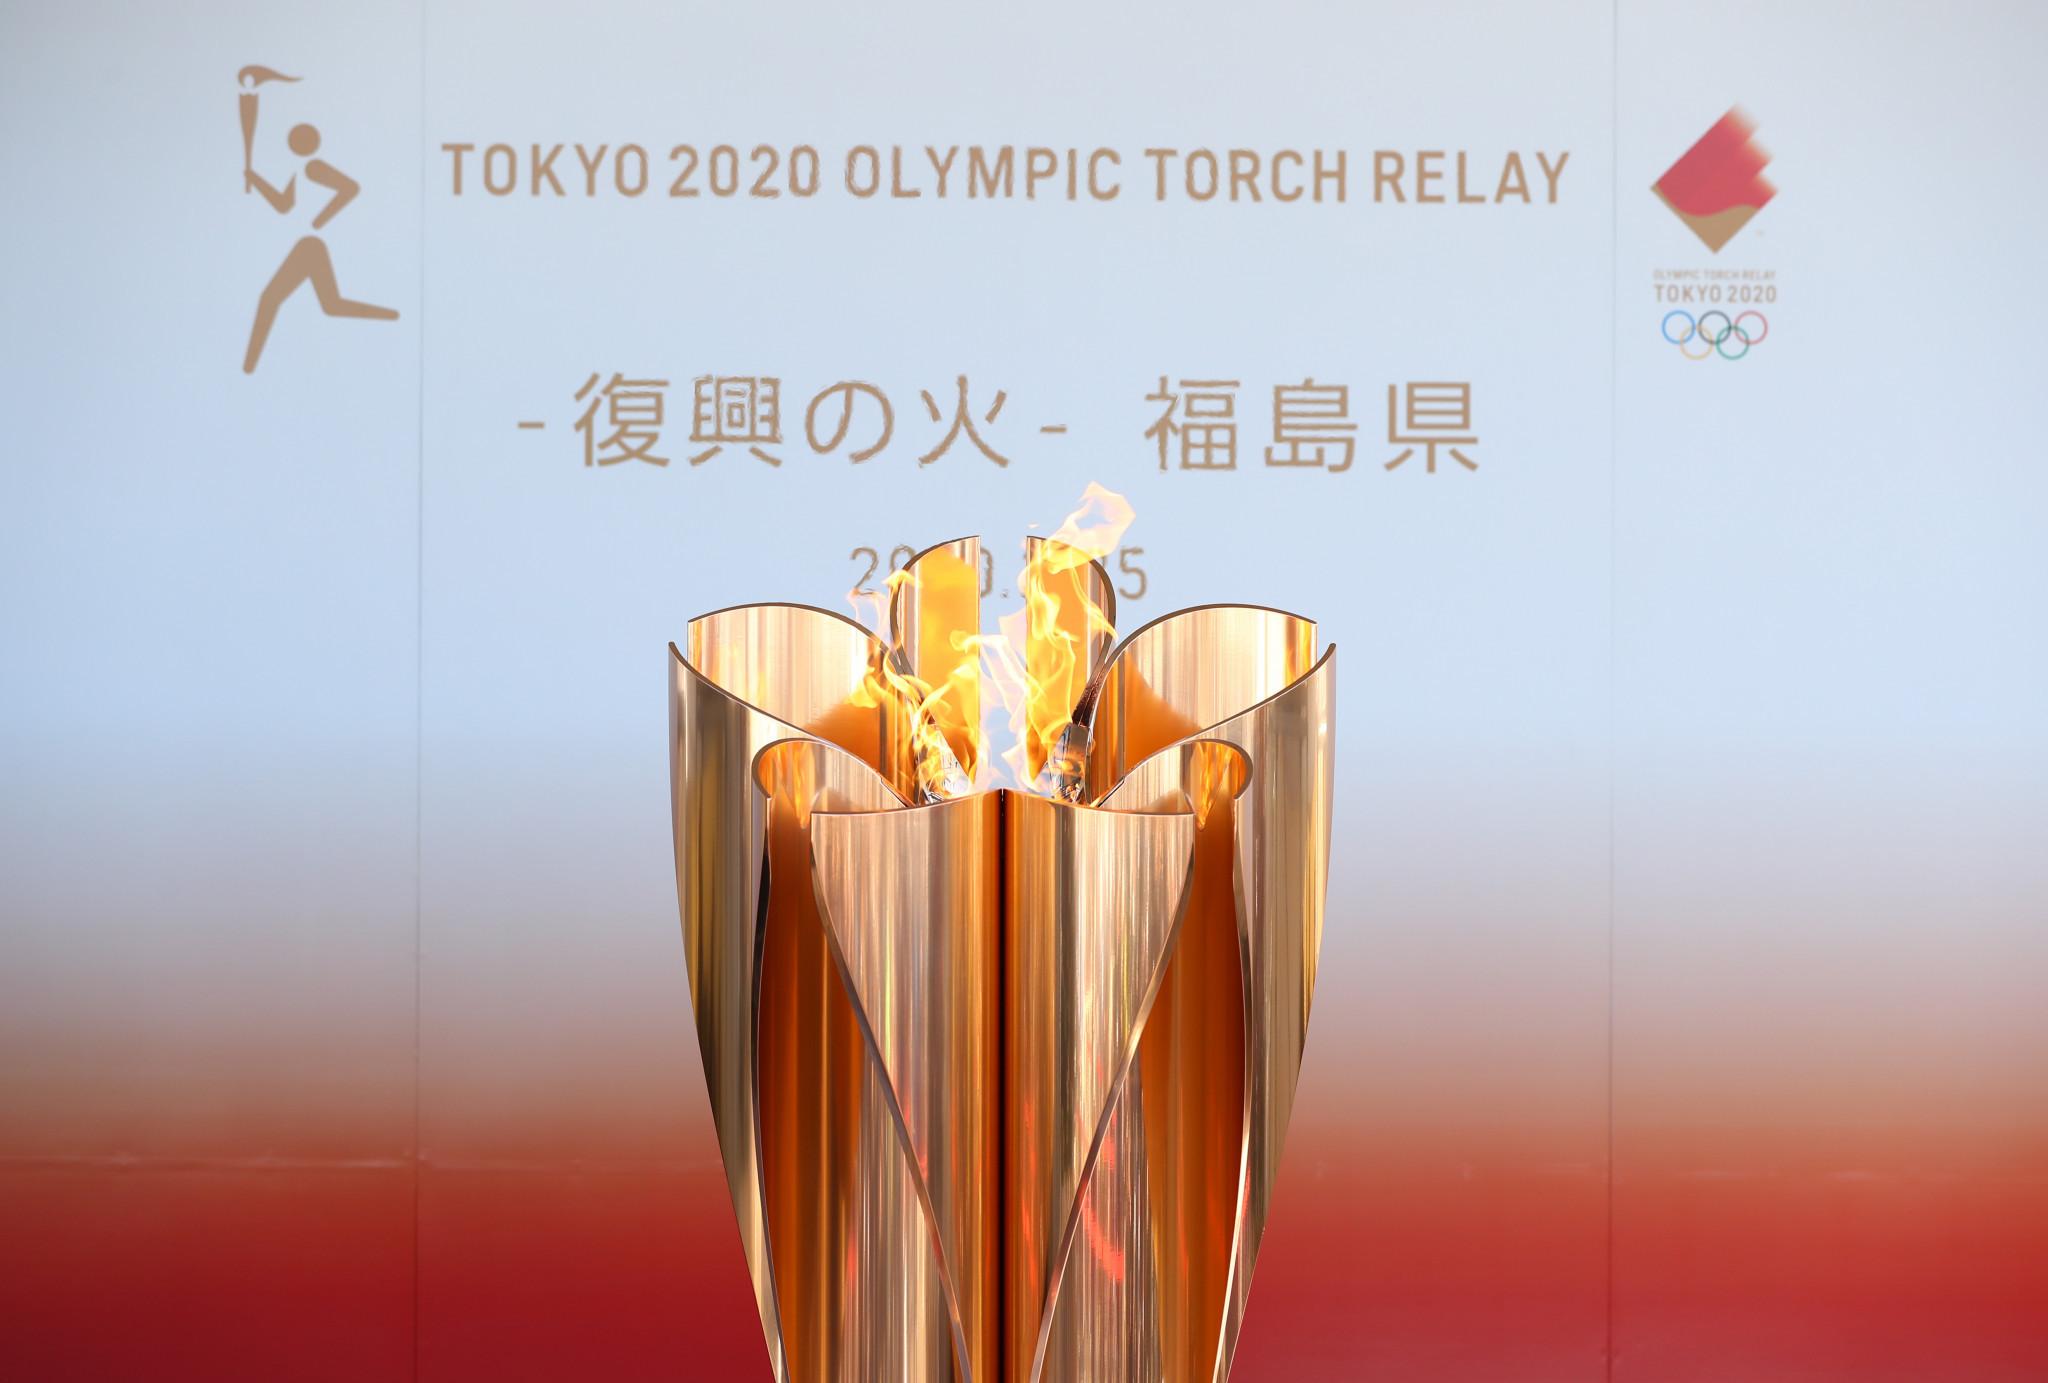 Etapa final Relevo de la Antorcha recordará olimpiadas 1964